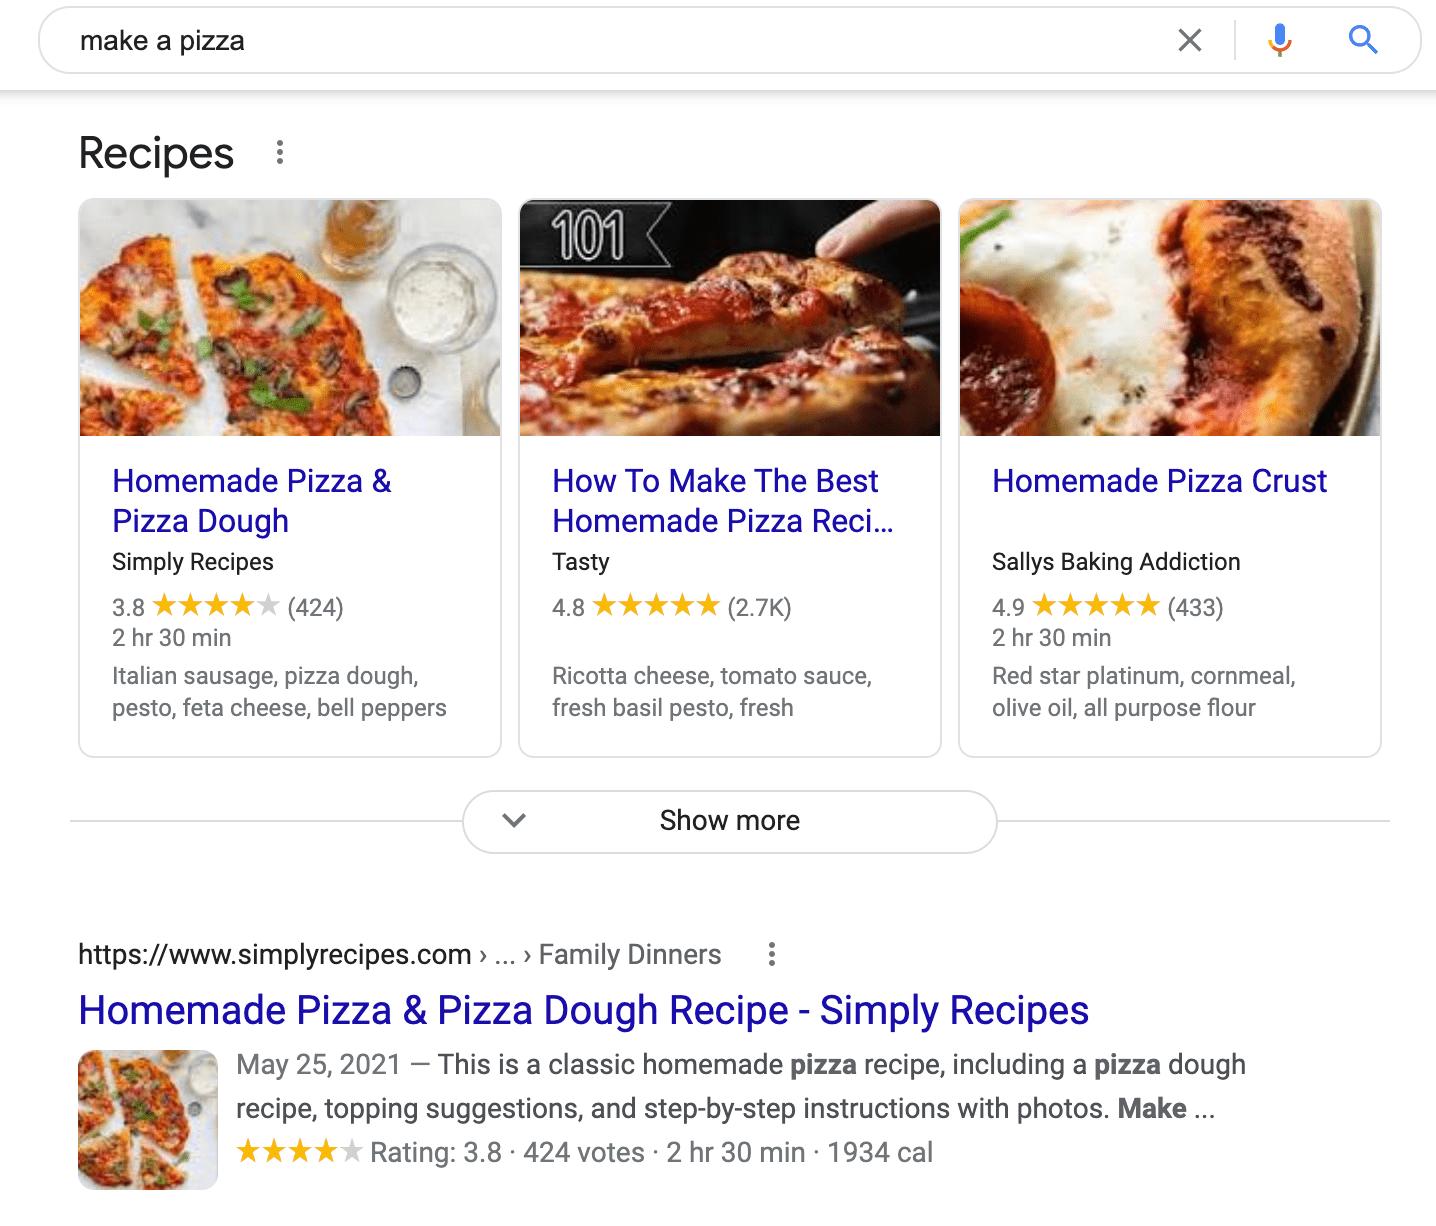 risultati della ricerca per il termine di ricerca fare una pizza